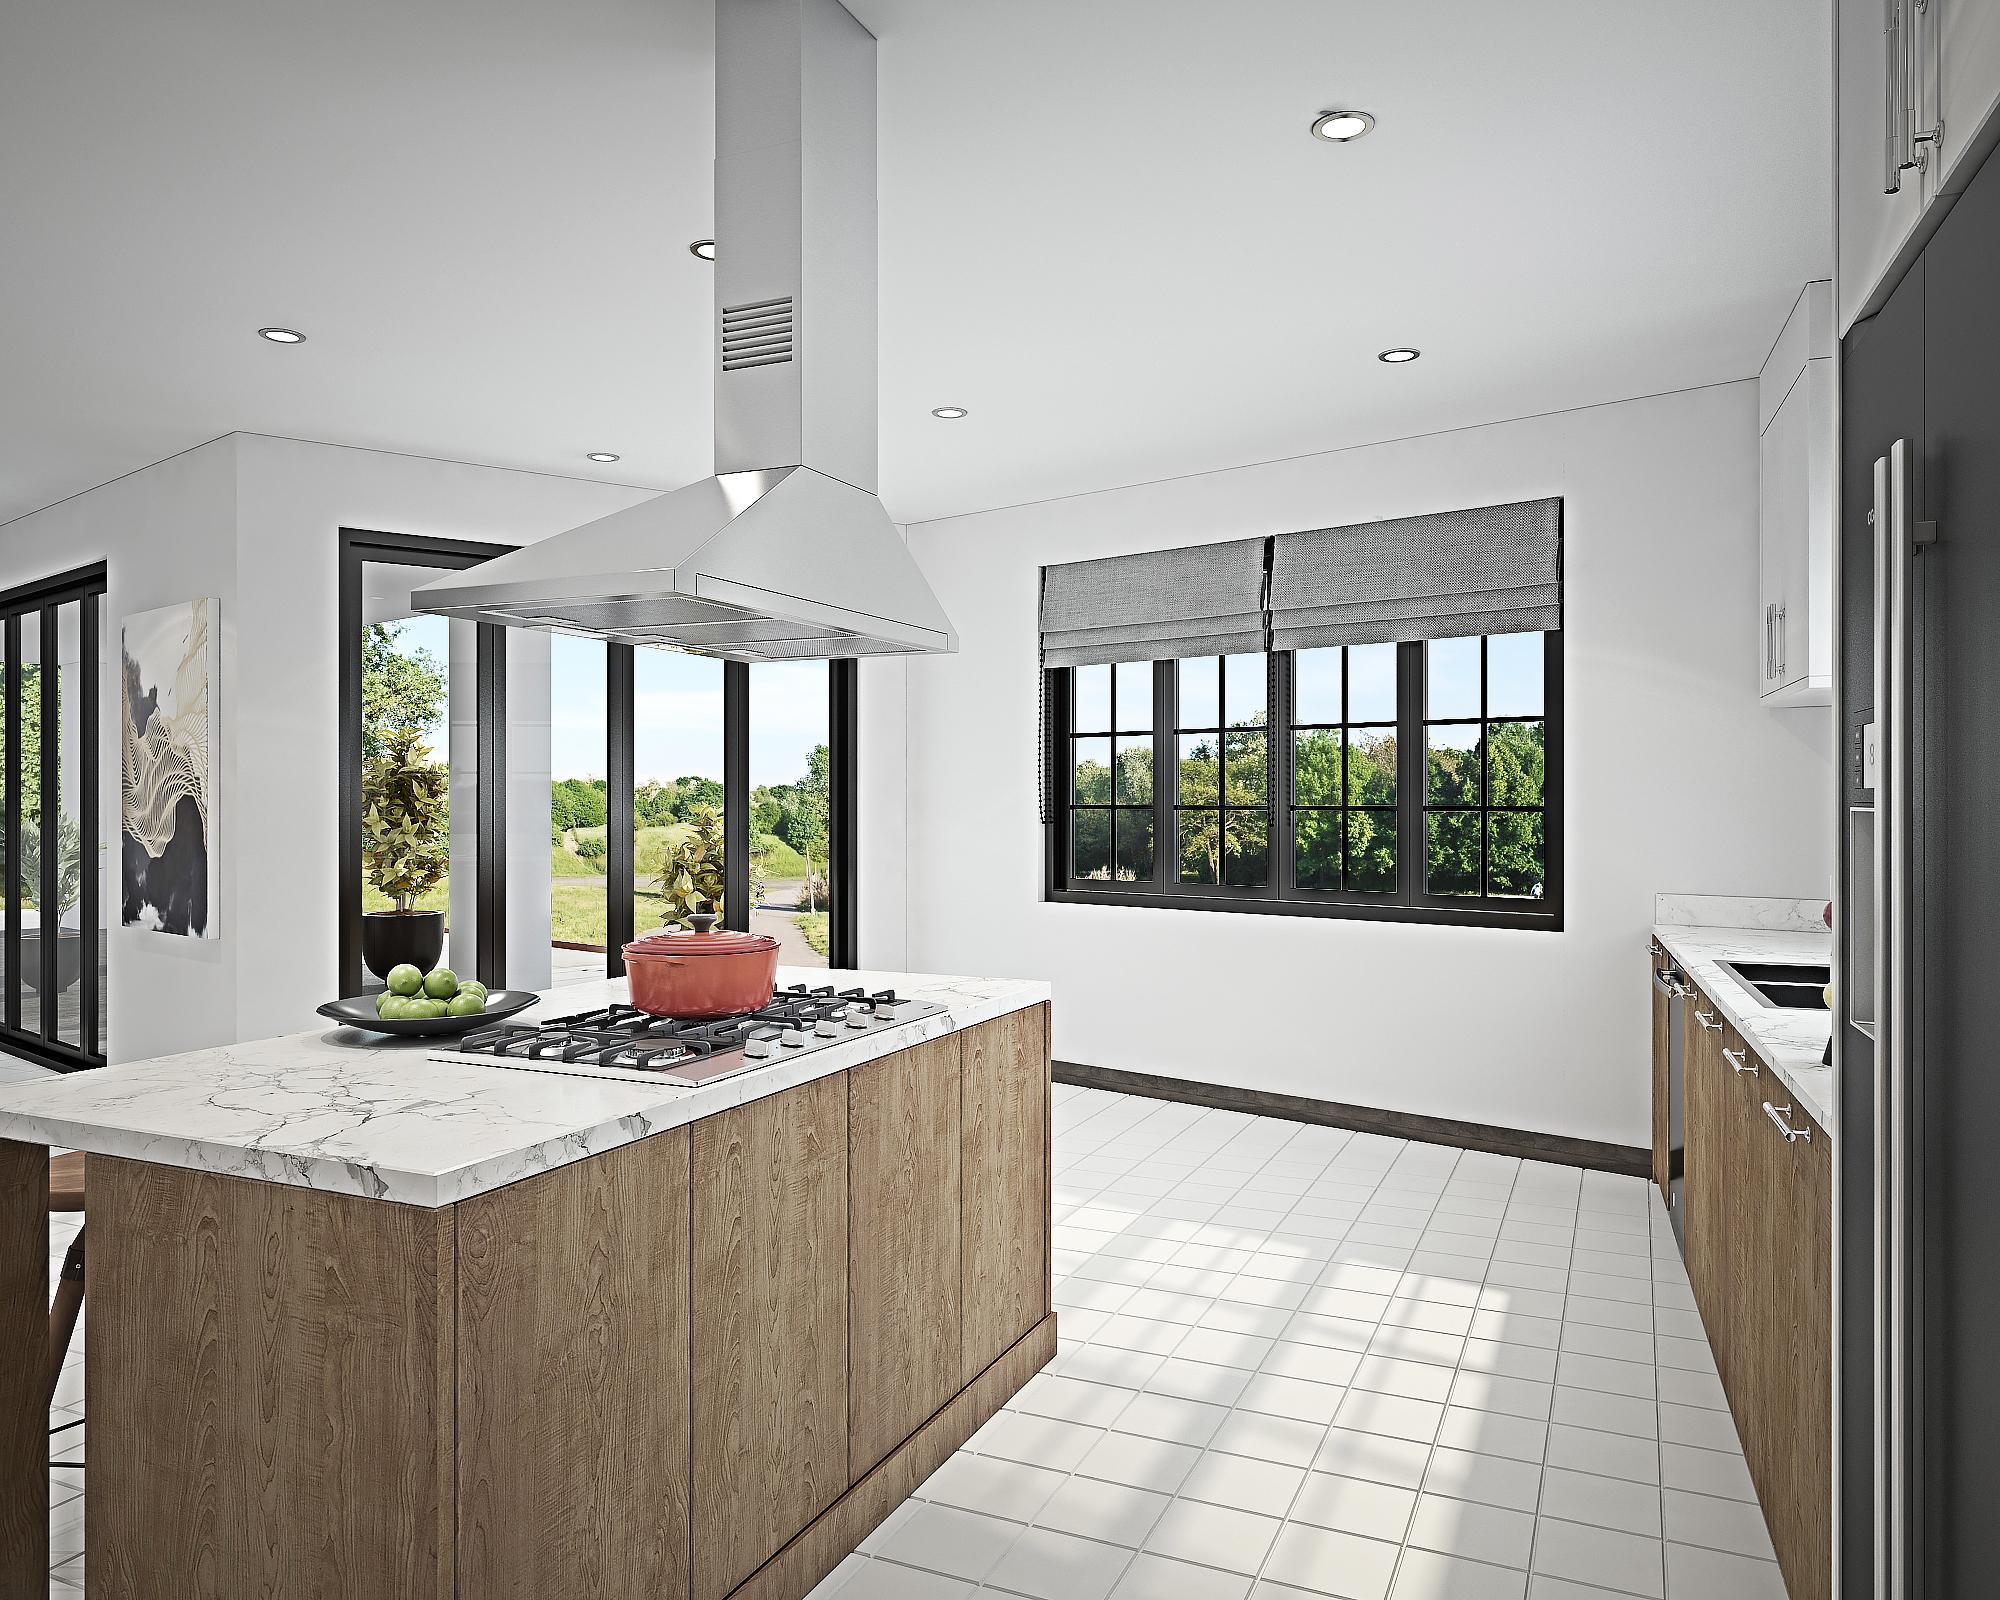 425-Transitional Kitchen v3